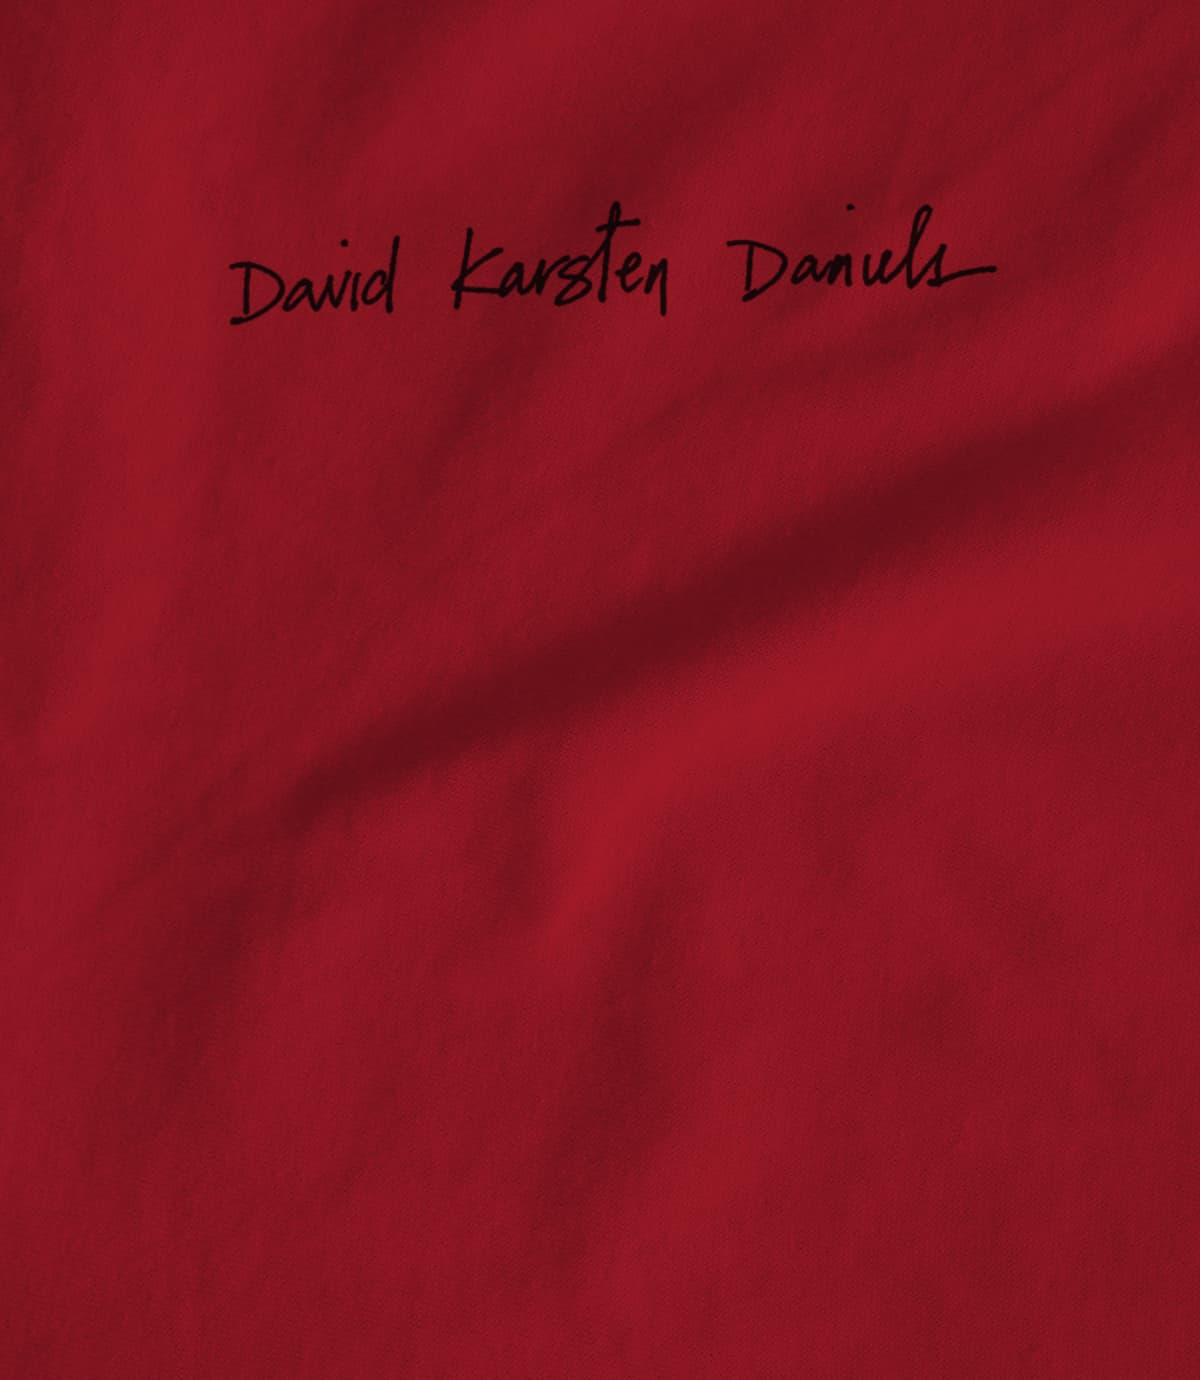 David Karsten Daniels